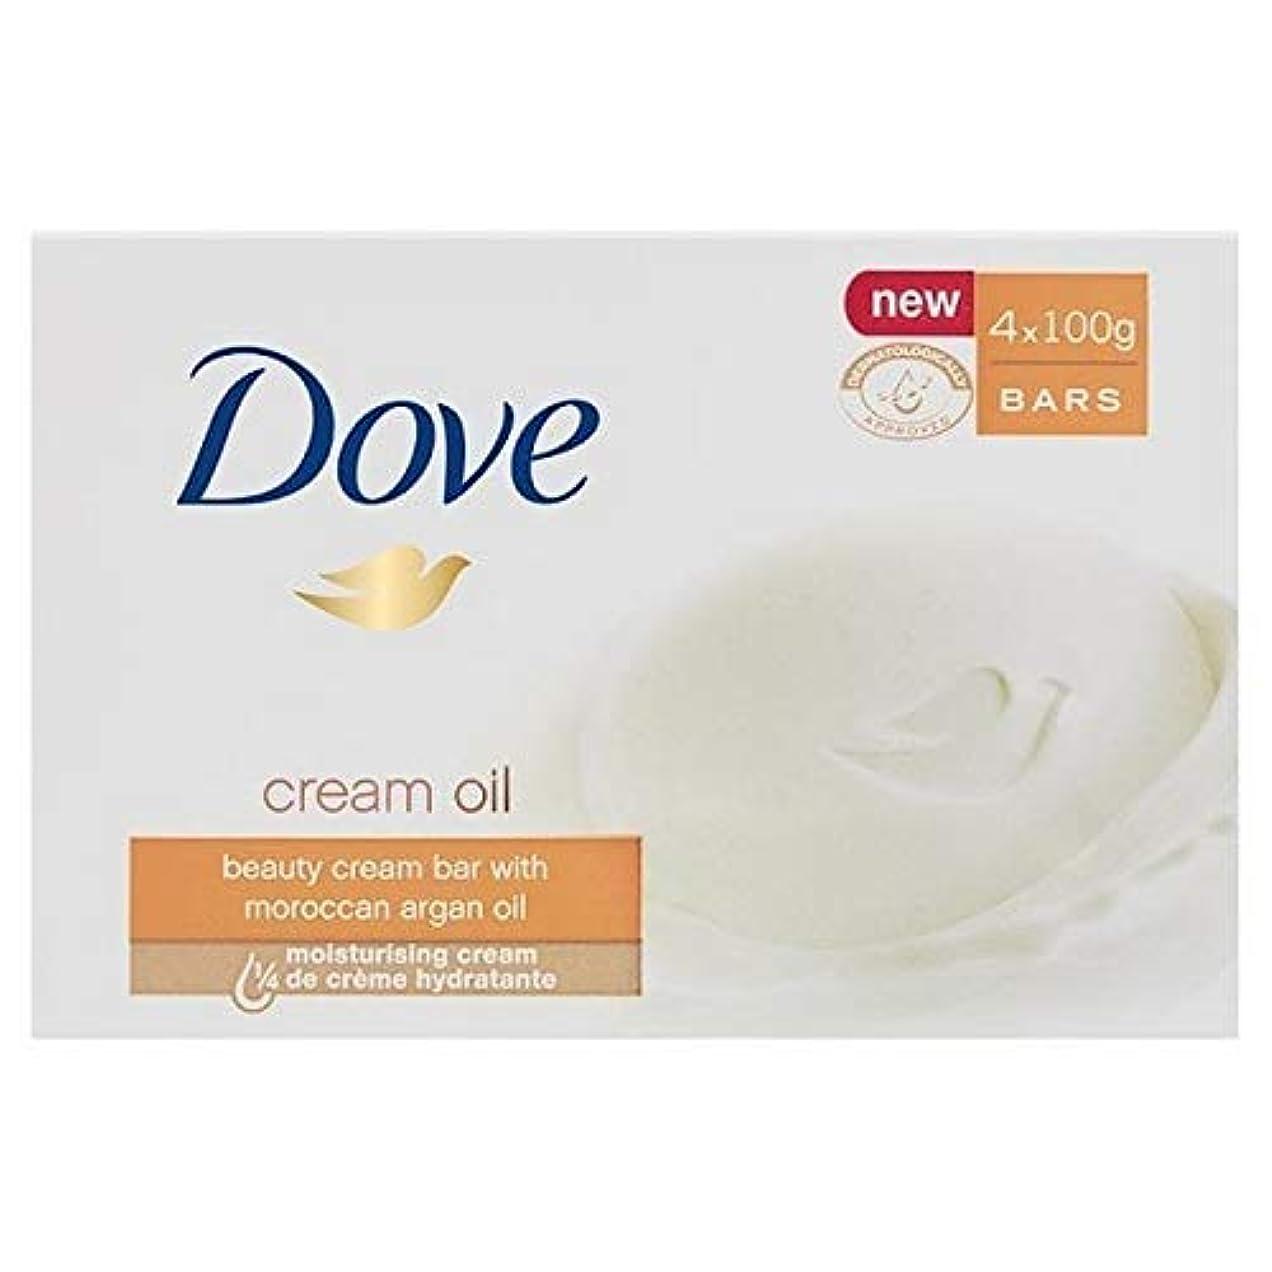 役に立たないレイ風景[Dove ] アルガンオイル美容クリーム石鹸4×100グラムを剥離鳩 - Dove Exfoliating Argan Oil Beauty Cream Soap Bar 4 x 100g [並行輸入品]